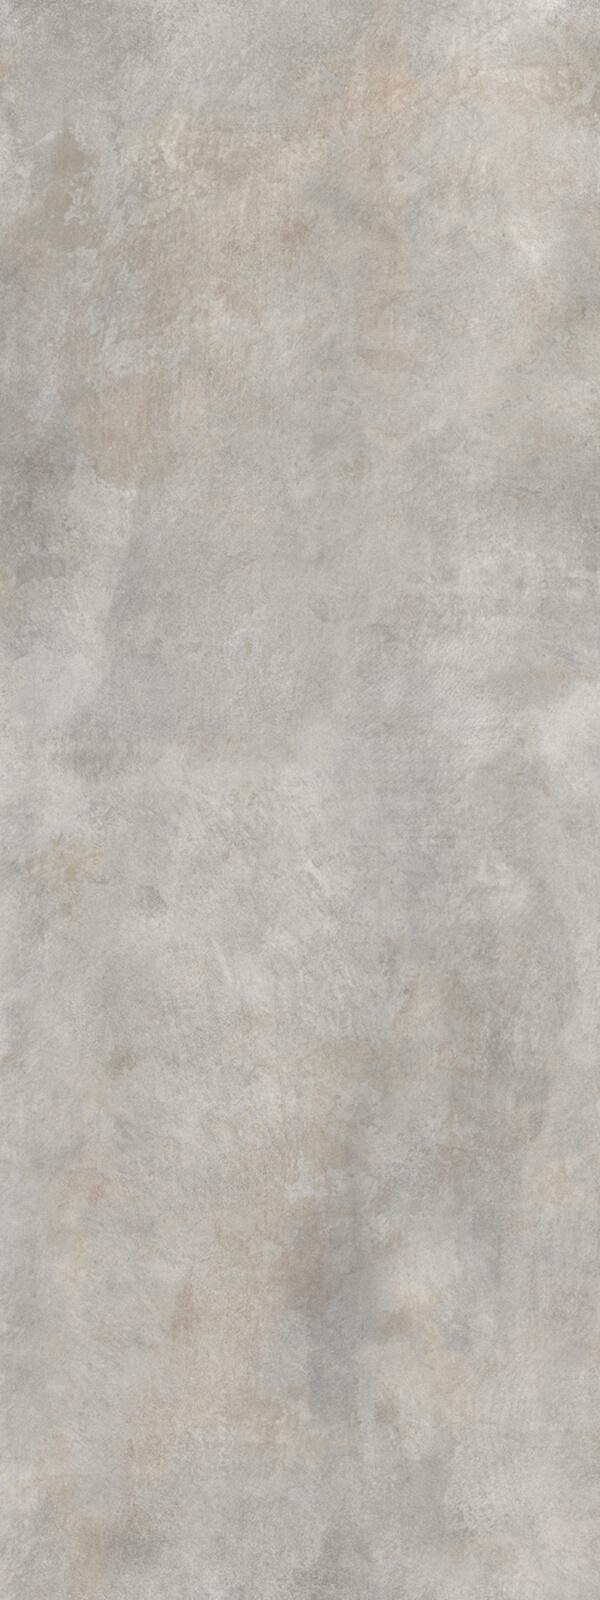 575-plaster